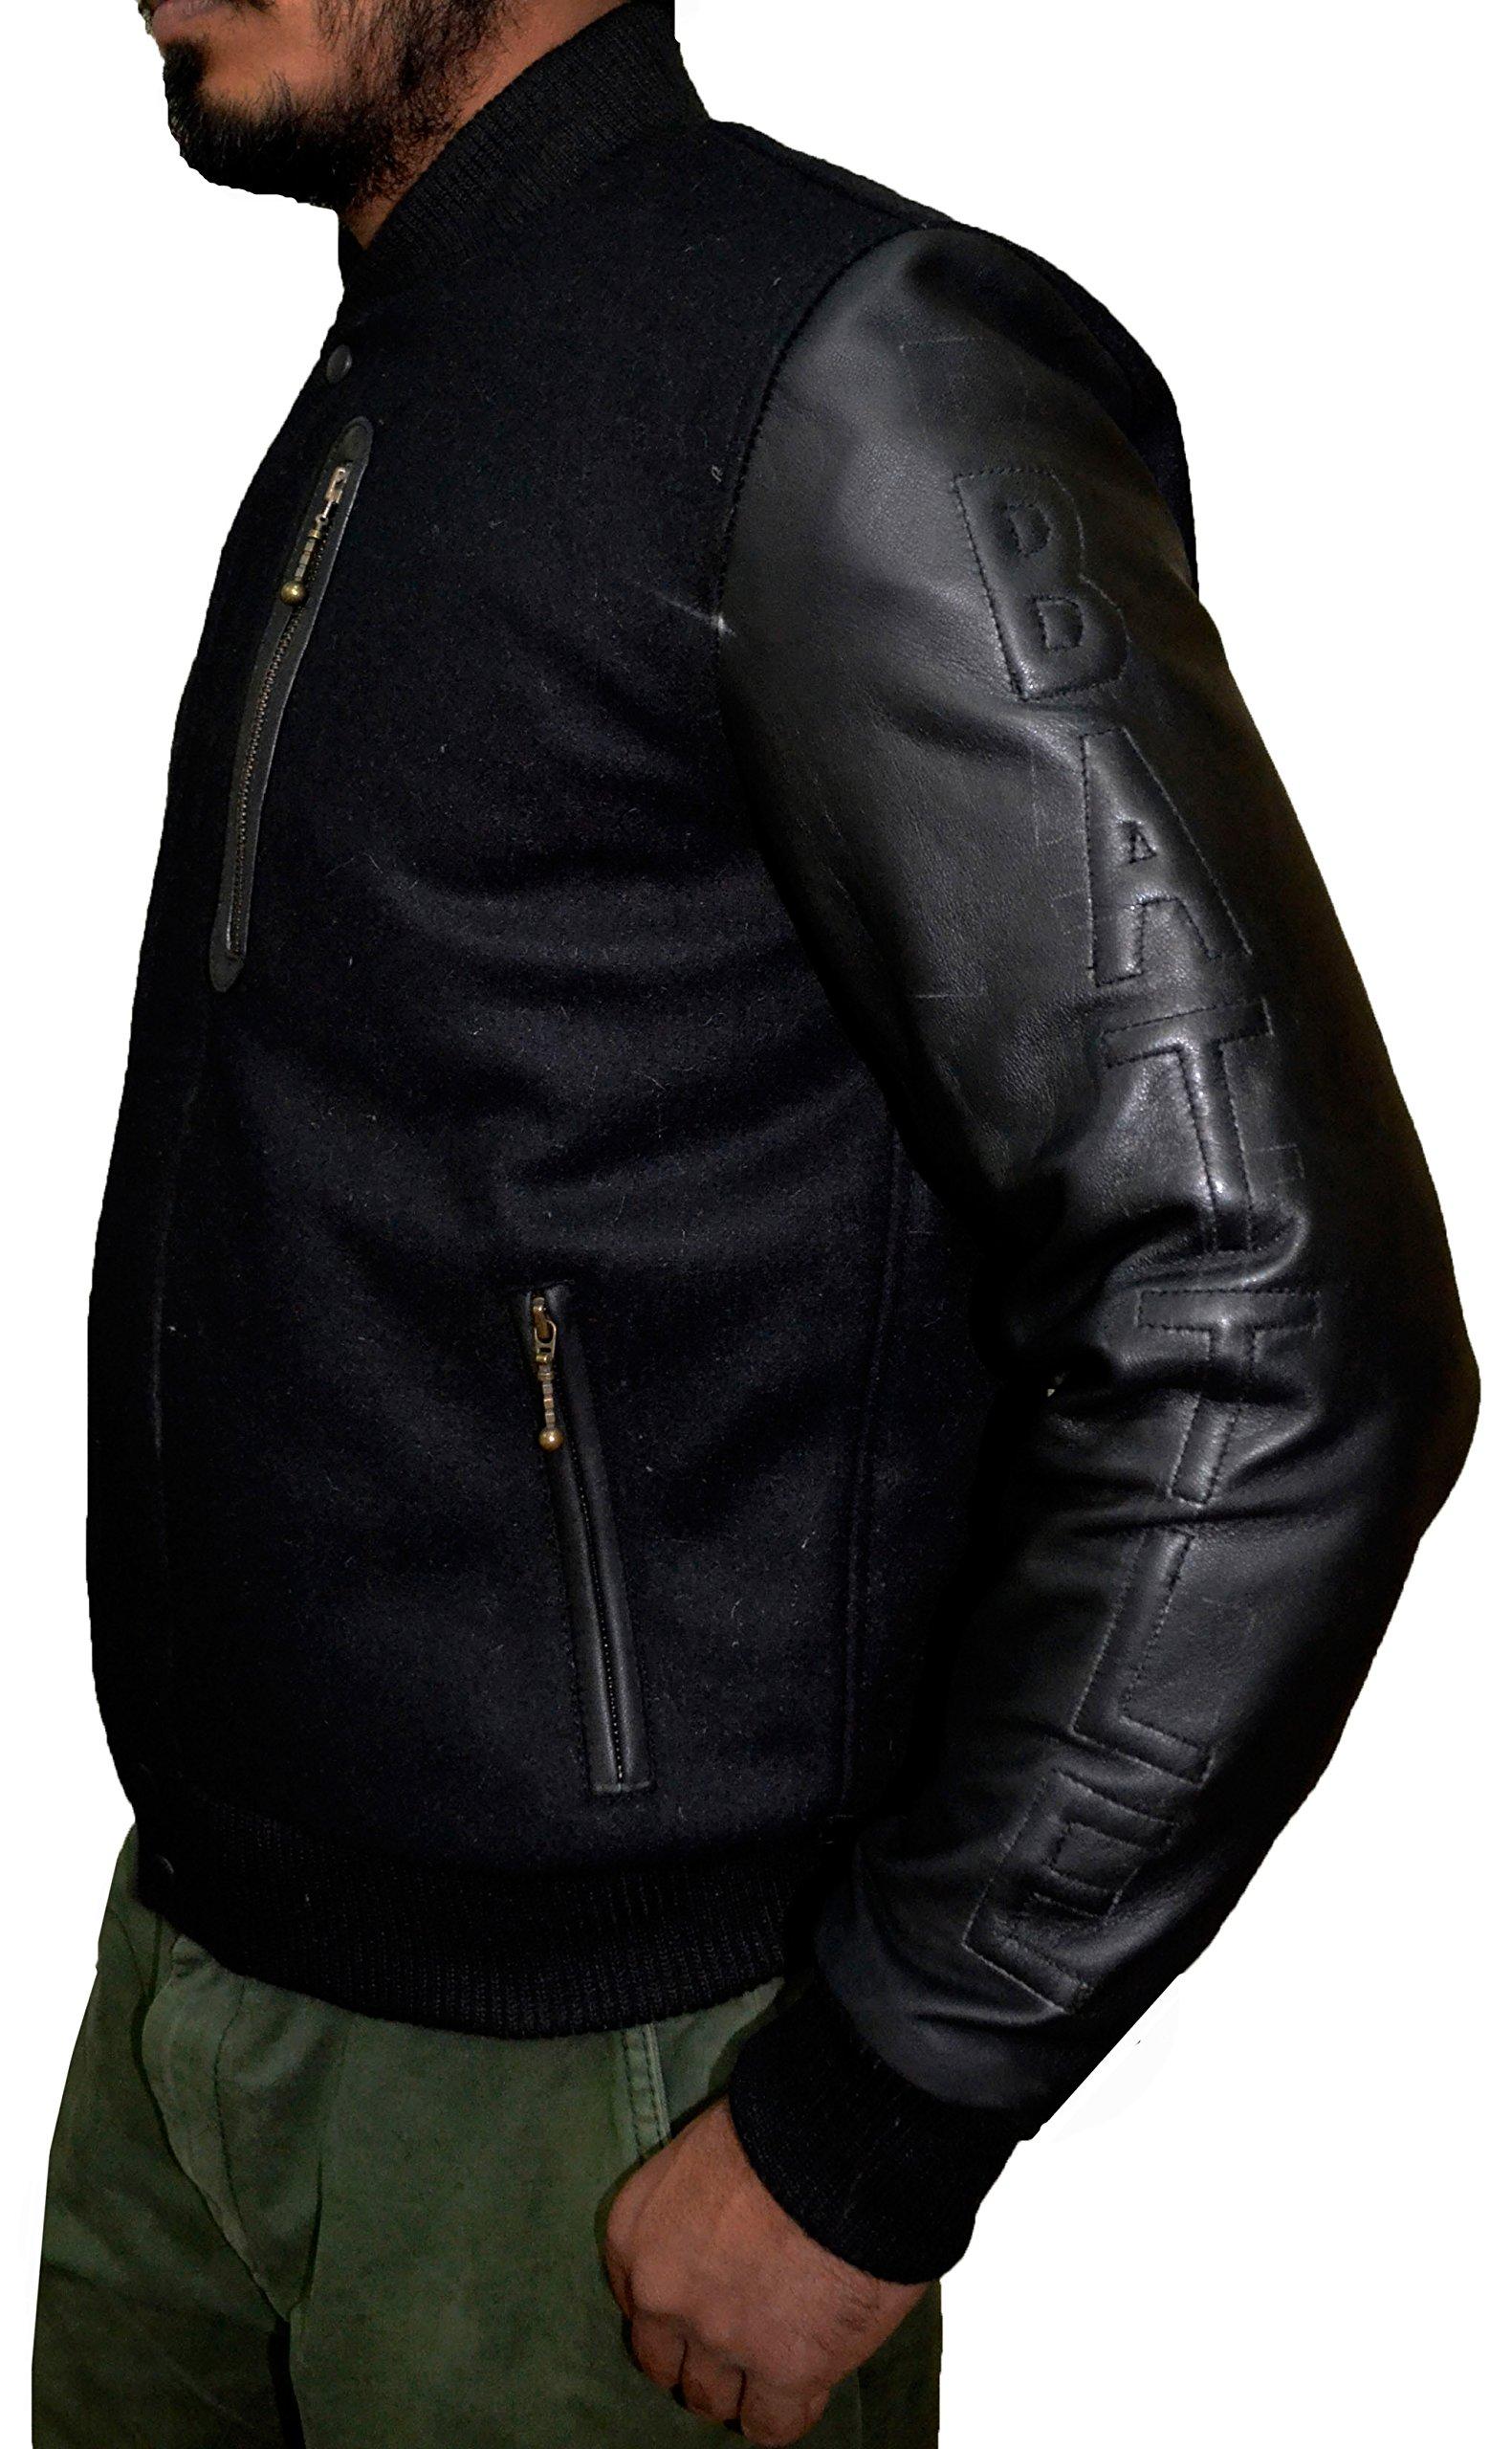 KOBE Destroyer XXIV Battle Micheal B Jordan Synthtic Leather Sleeves Jacket,3XL